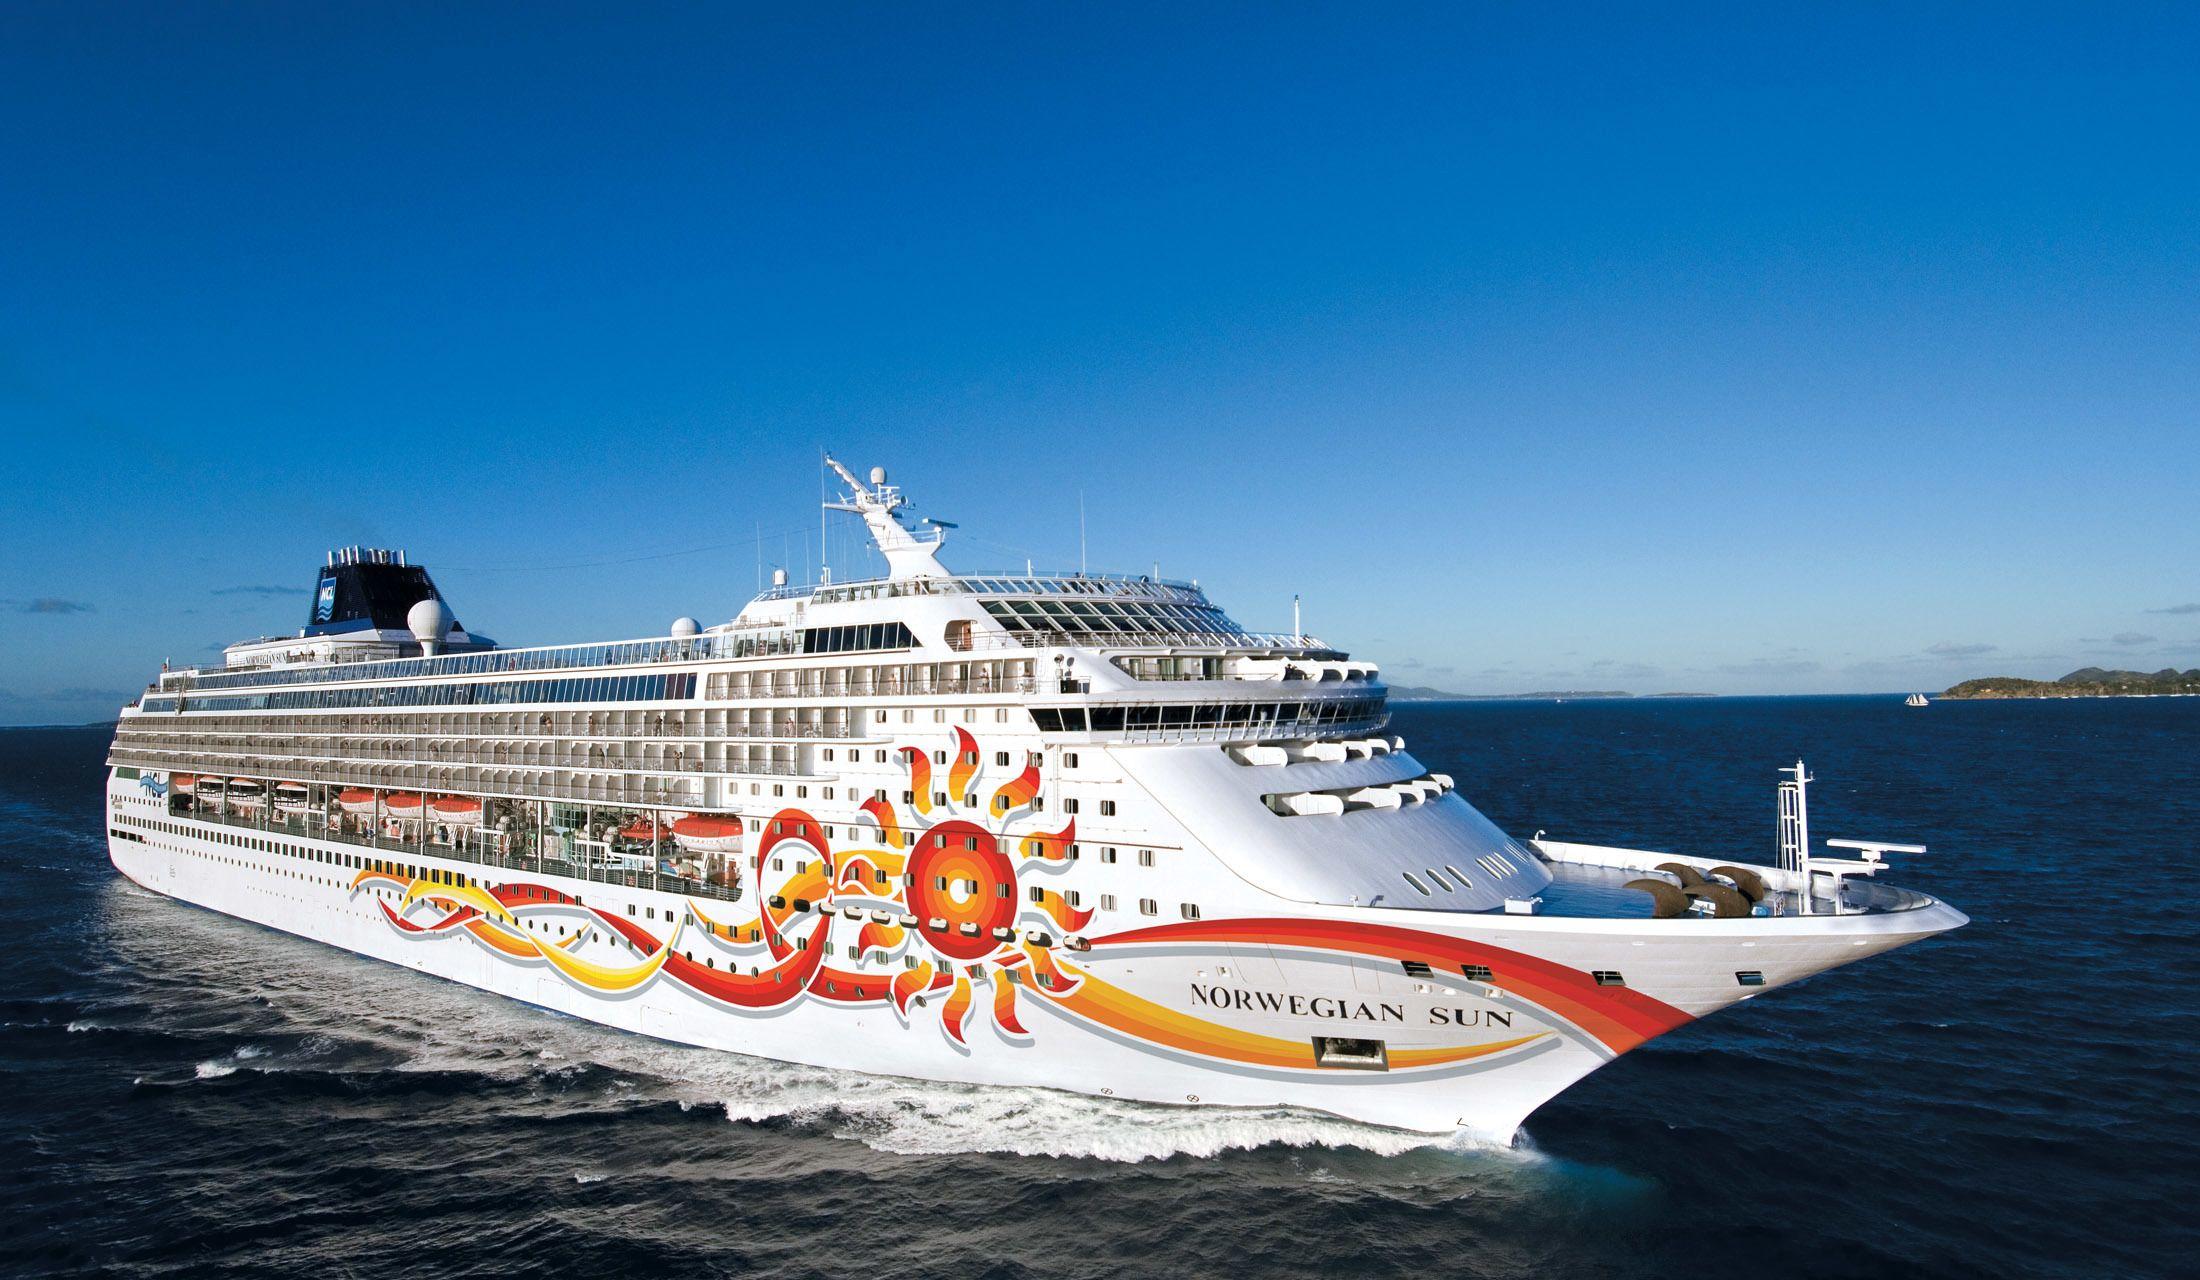 ノルウェージャン クルーズ ラインのクルーズ船